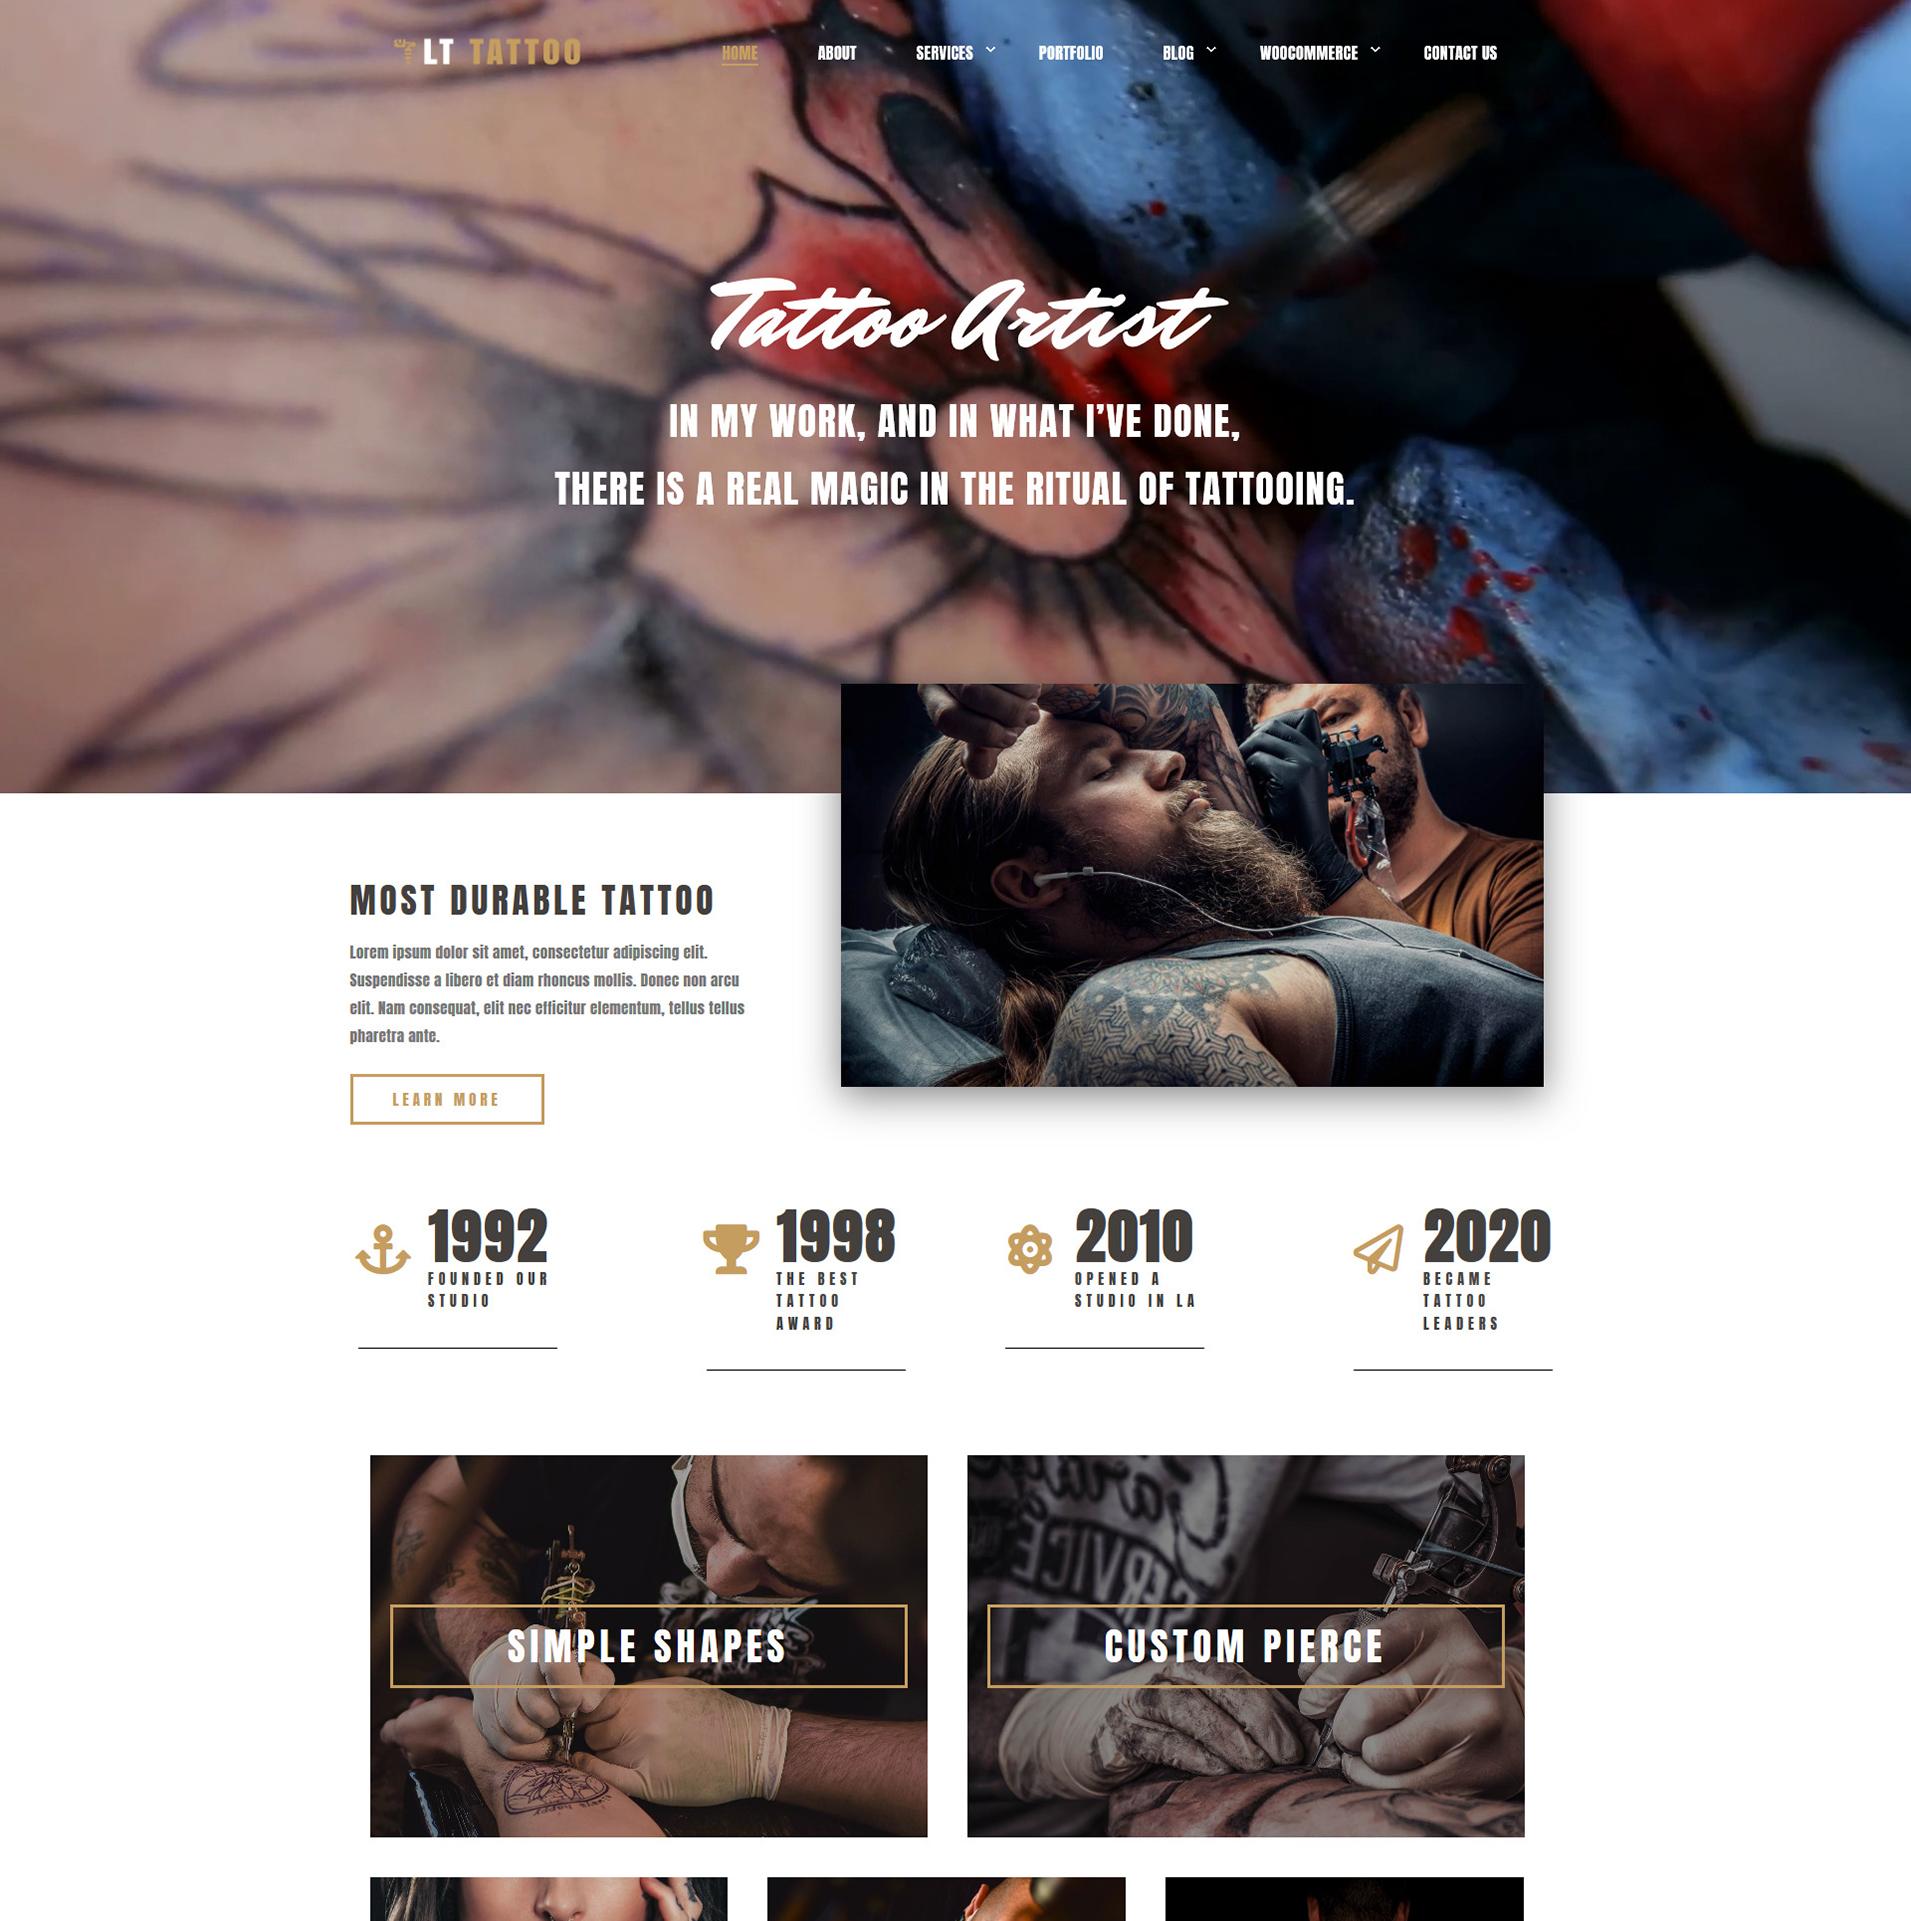 lt-tattoo-wordpress-theme-full